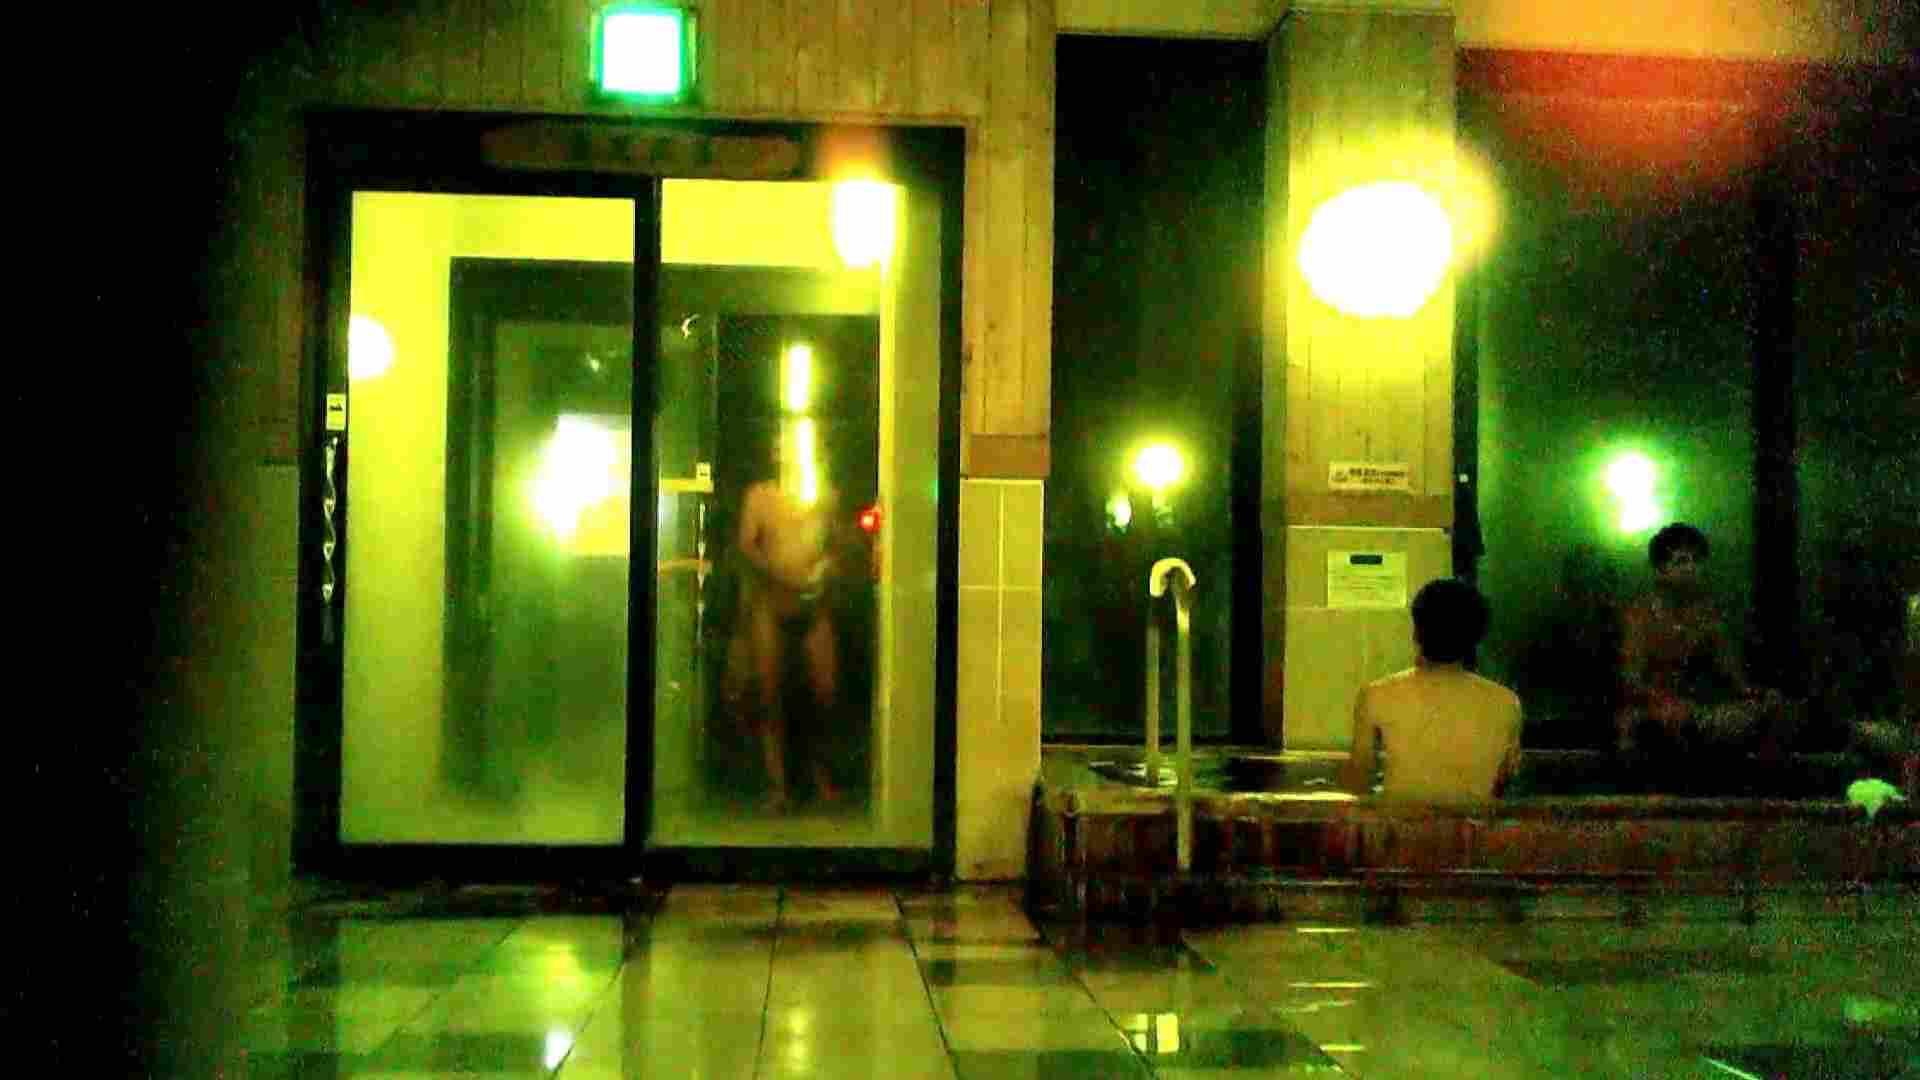 行くぜ!がっつり男風呂!Vol.25 イケメン合体 ゲイモロ見え画像 110連発 80